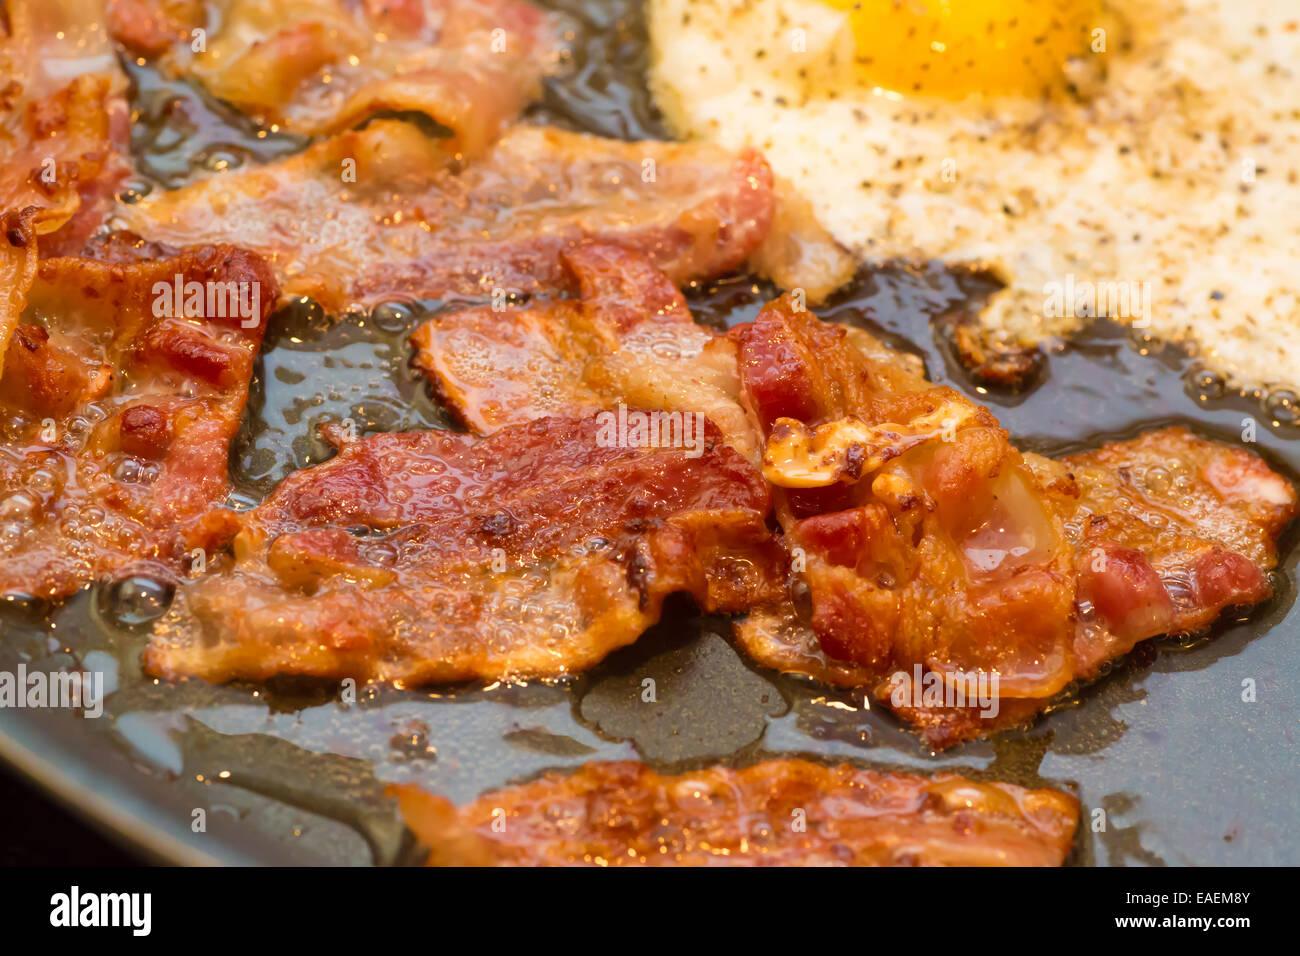 Una colazione grassa della pancetta fritta e un uovo friggere in una padella. Immagini Stock